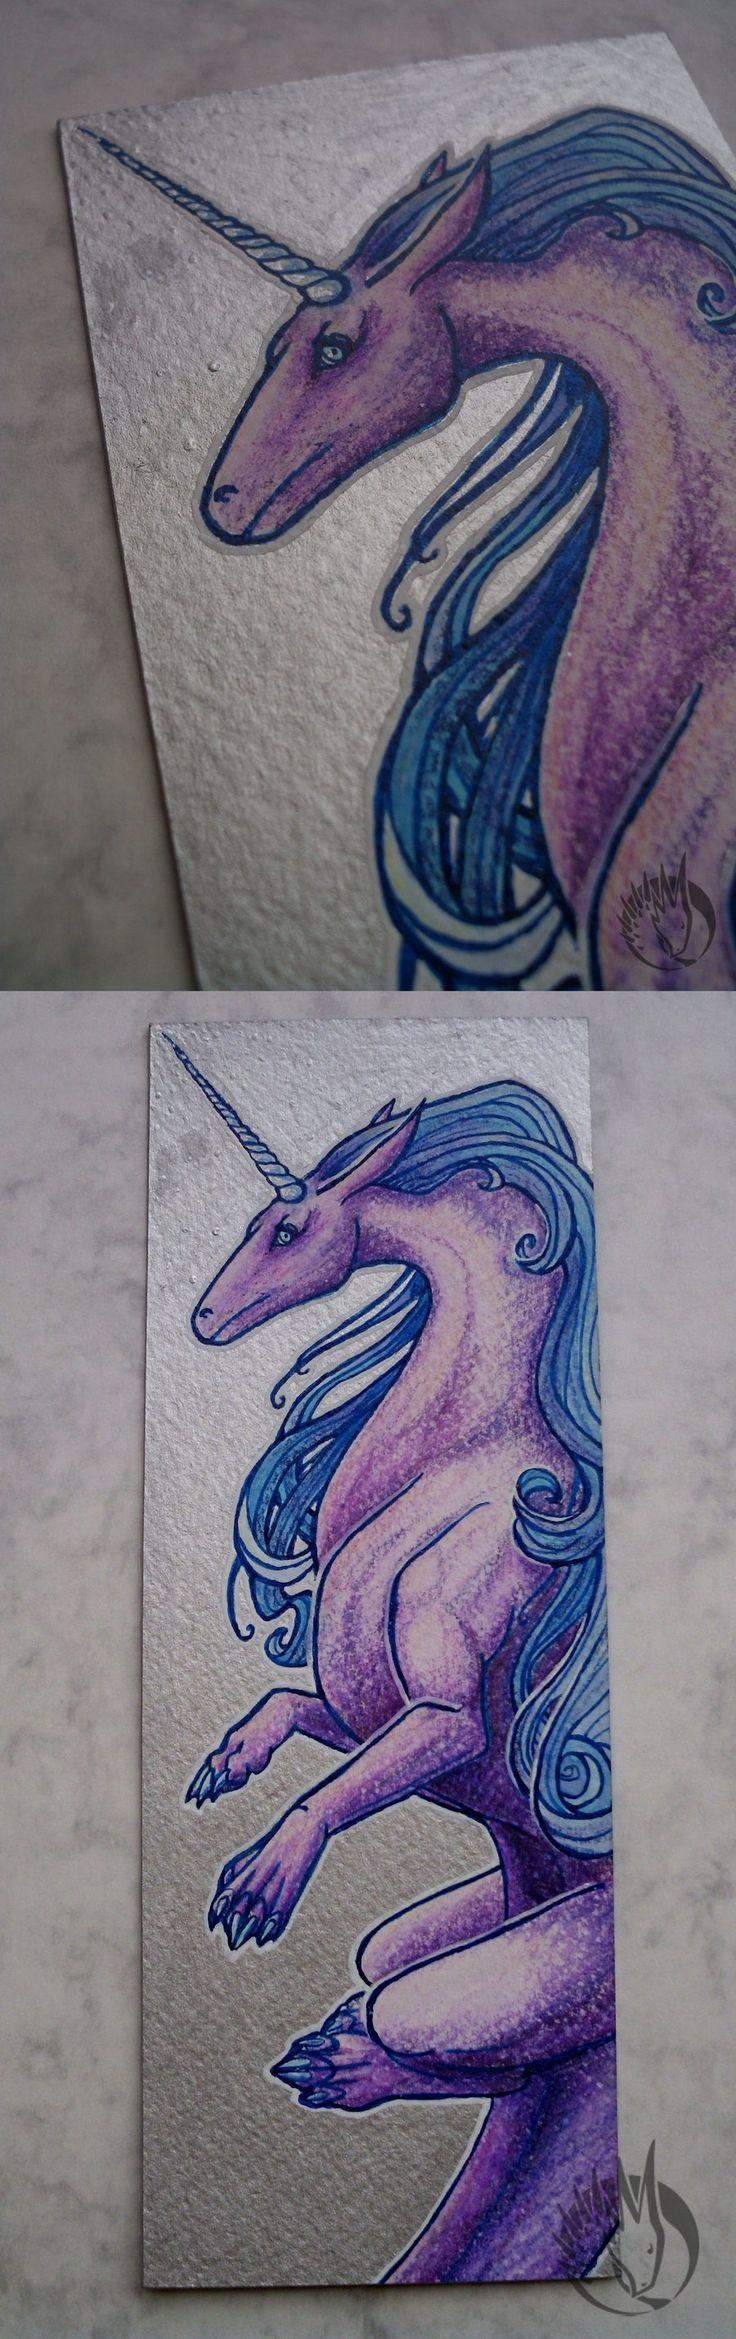 Mystic Dragon -  bookmark by MargotShareaza.deviantart.com on @DeviantArt